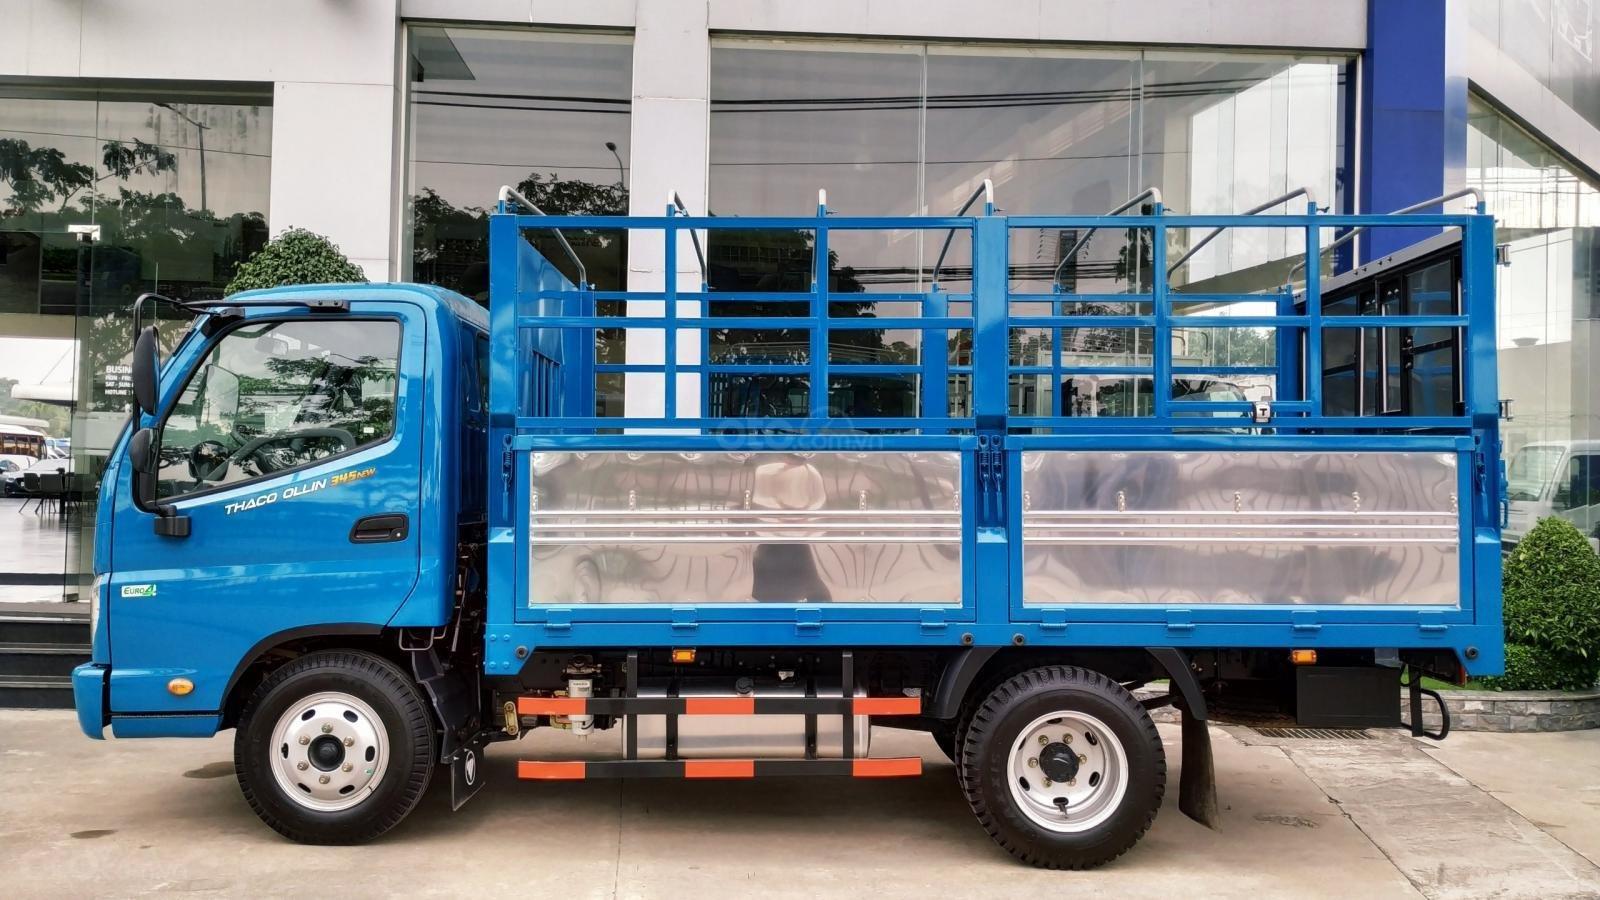 Bán xe tải Thaco Ollin 345. E4 - EURO 4 - tải 2 tấn 4 - mới nhất - hỗ trợ trả góp (4)